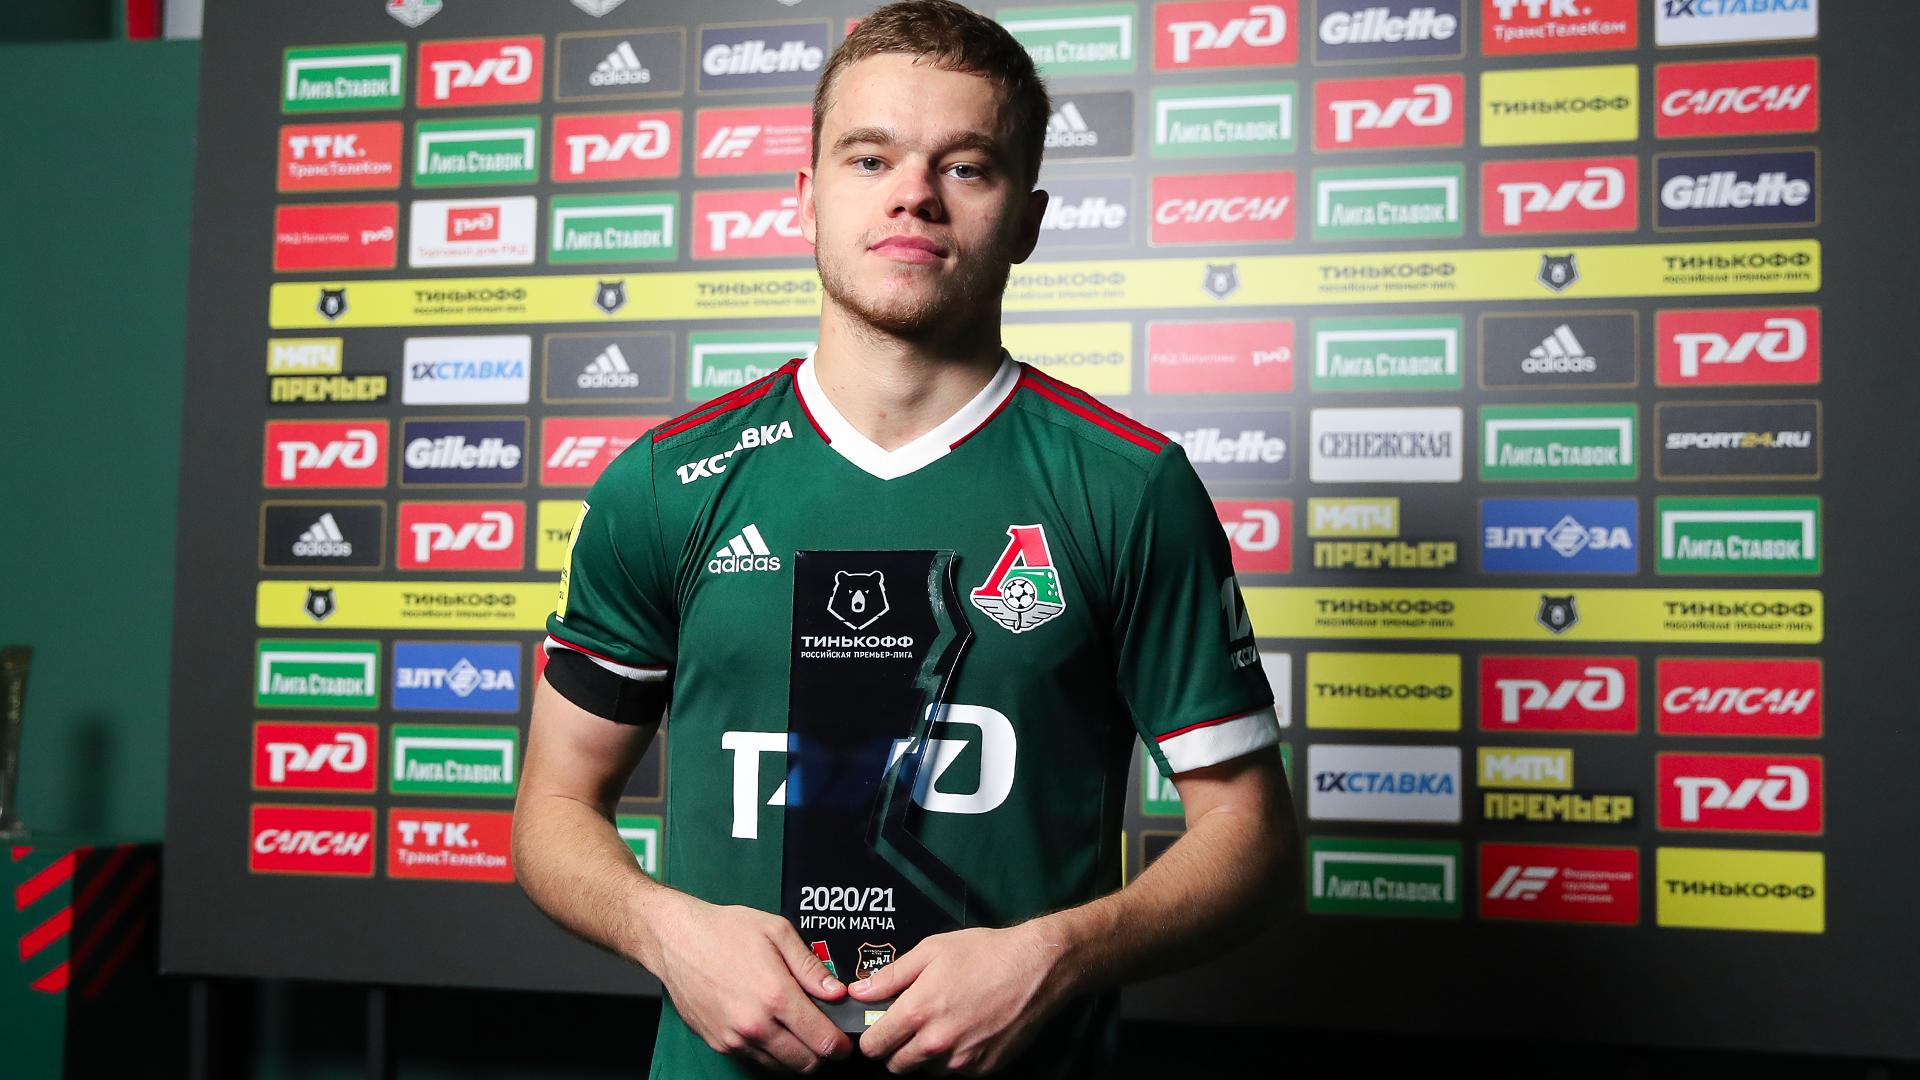 ТОП-5 молодых российских футболистов на данный момент 🔥